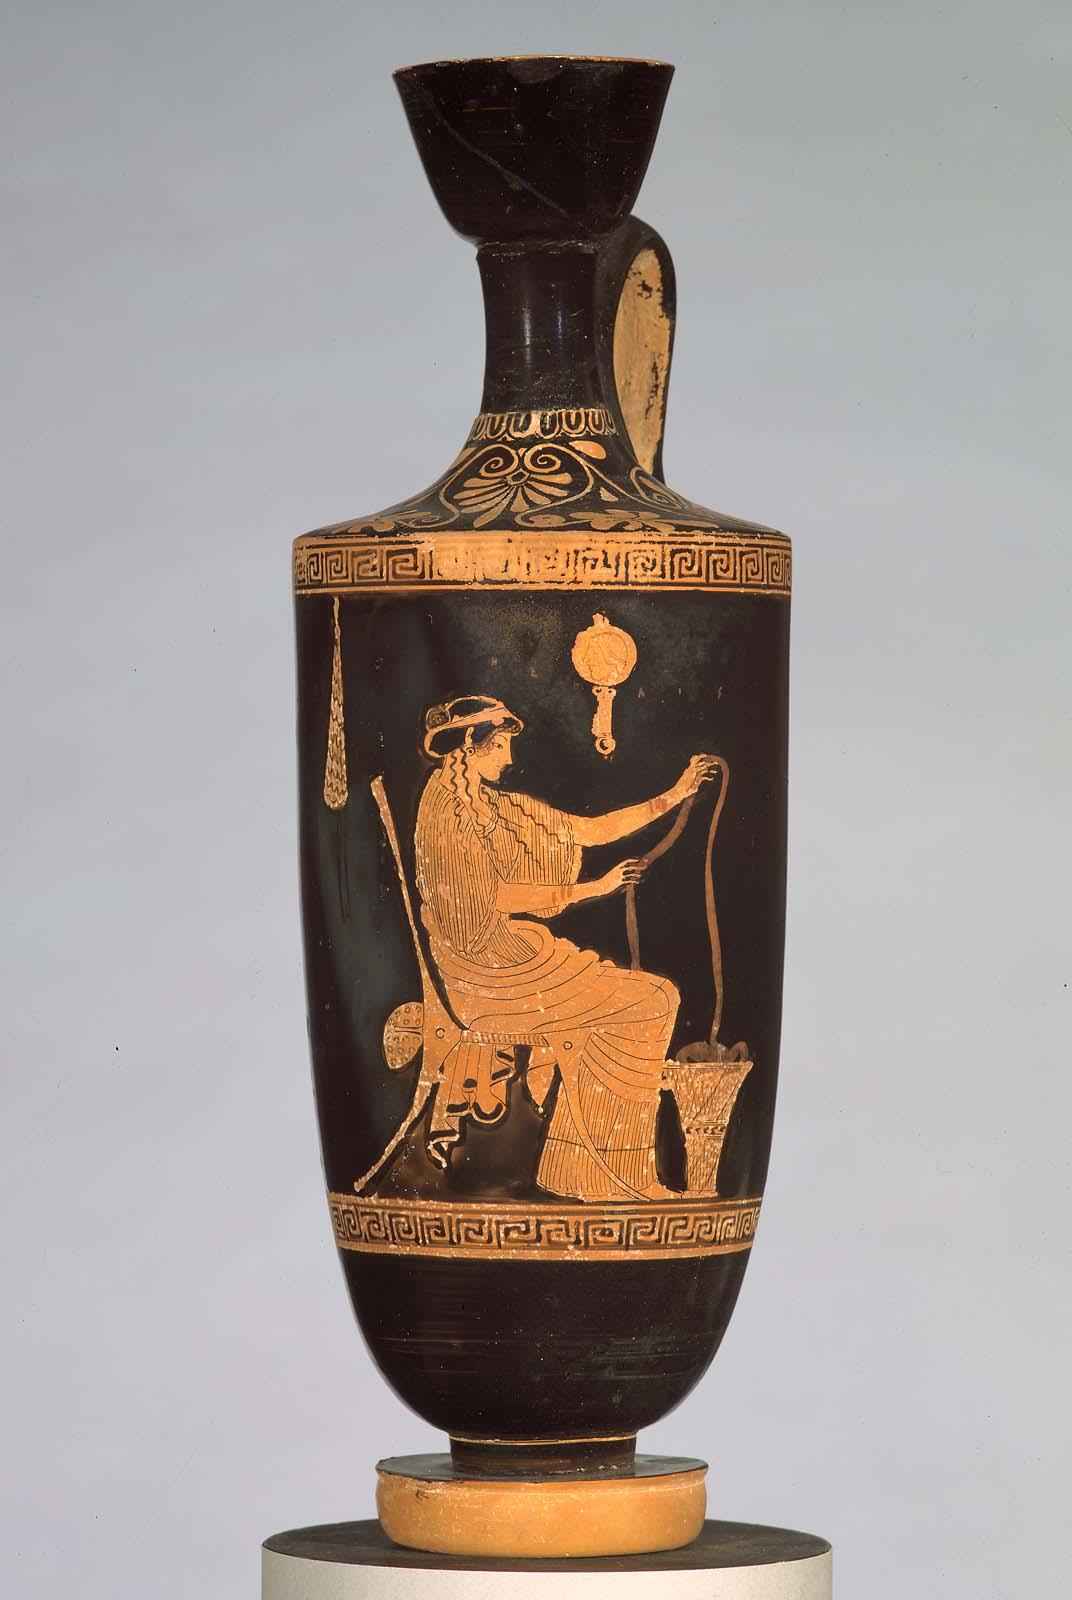 Женщина, прядущая шерсть, с зеркалом, изображение на лекитосе (фляге для масла), ок. 480–470 гг. до н. э. (Музей изящных искусств, Бостон)